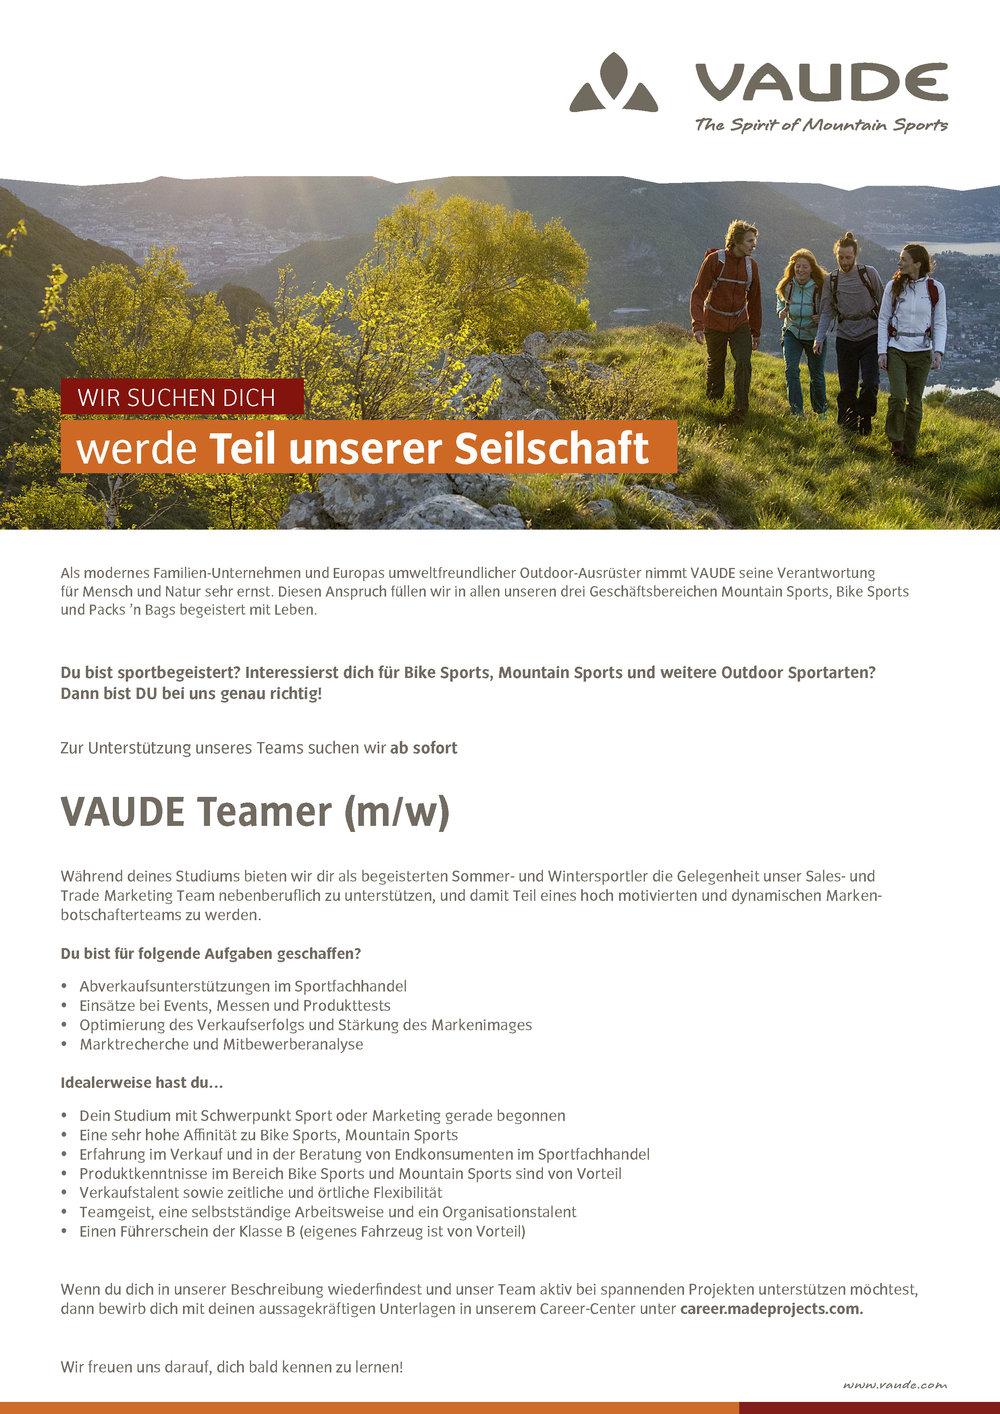 VAUDE_Stellenanzeige_Teamer_NEU_A4.jpg